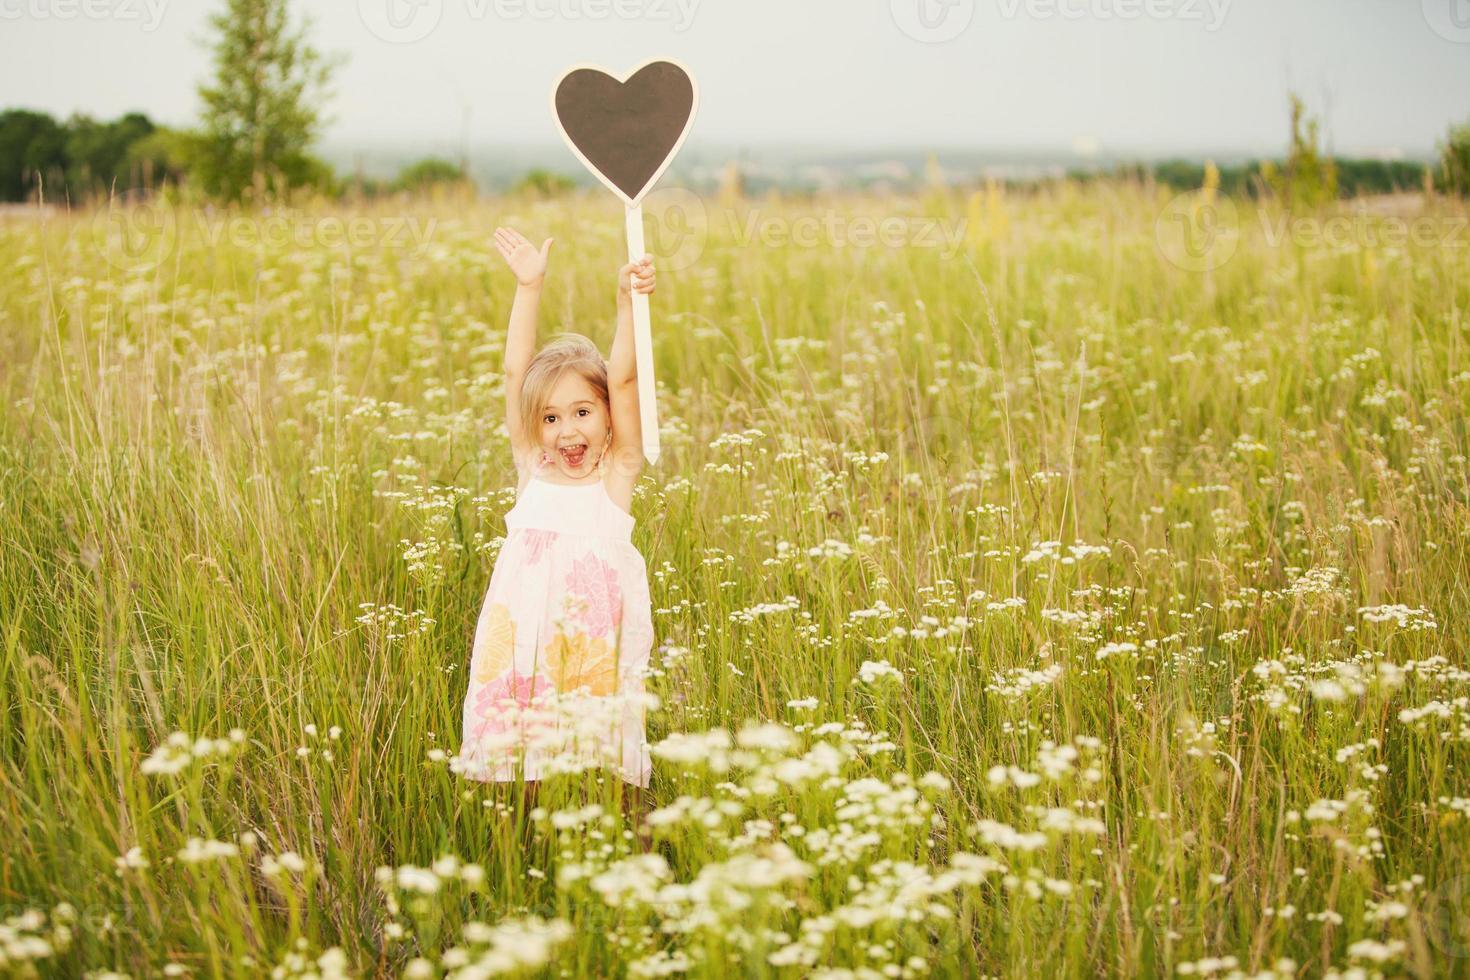 bambina felice con piastra amore foto